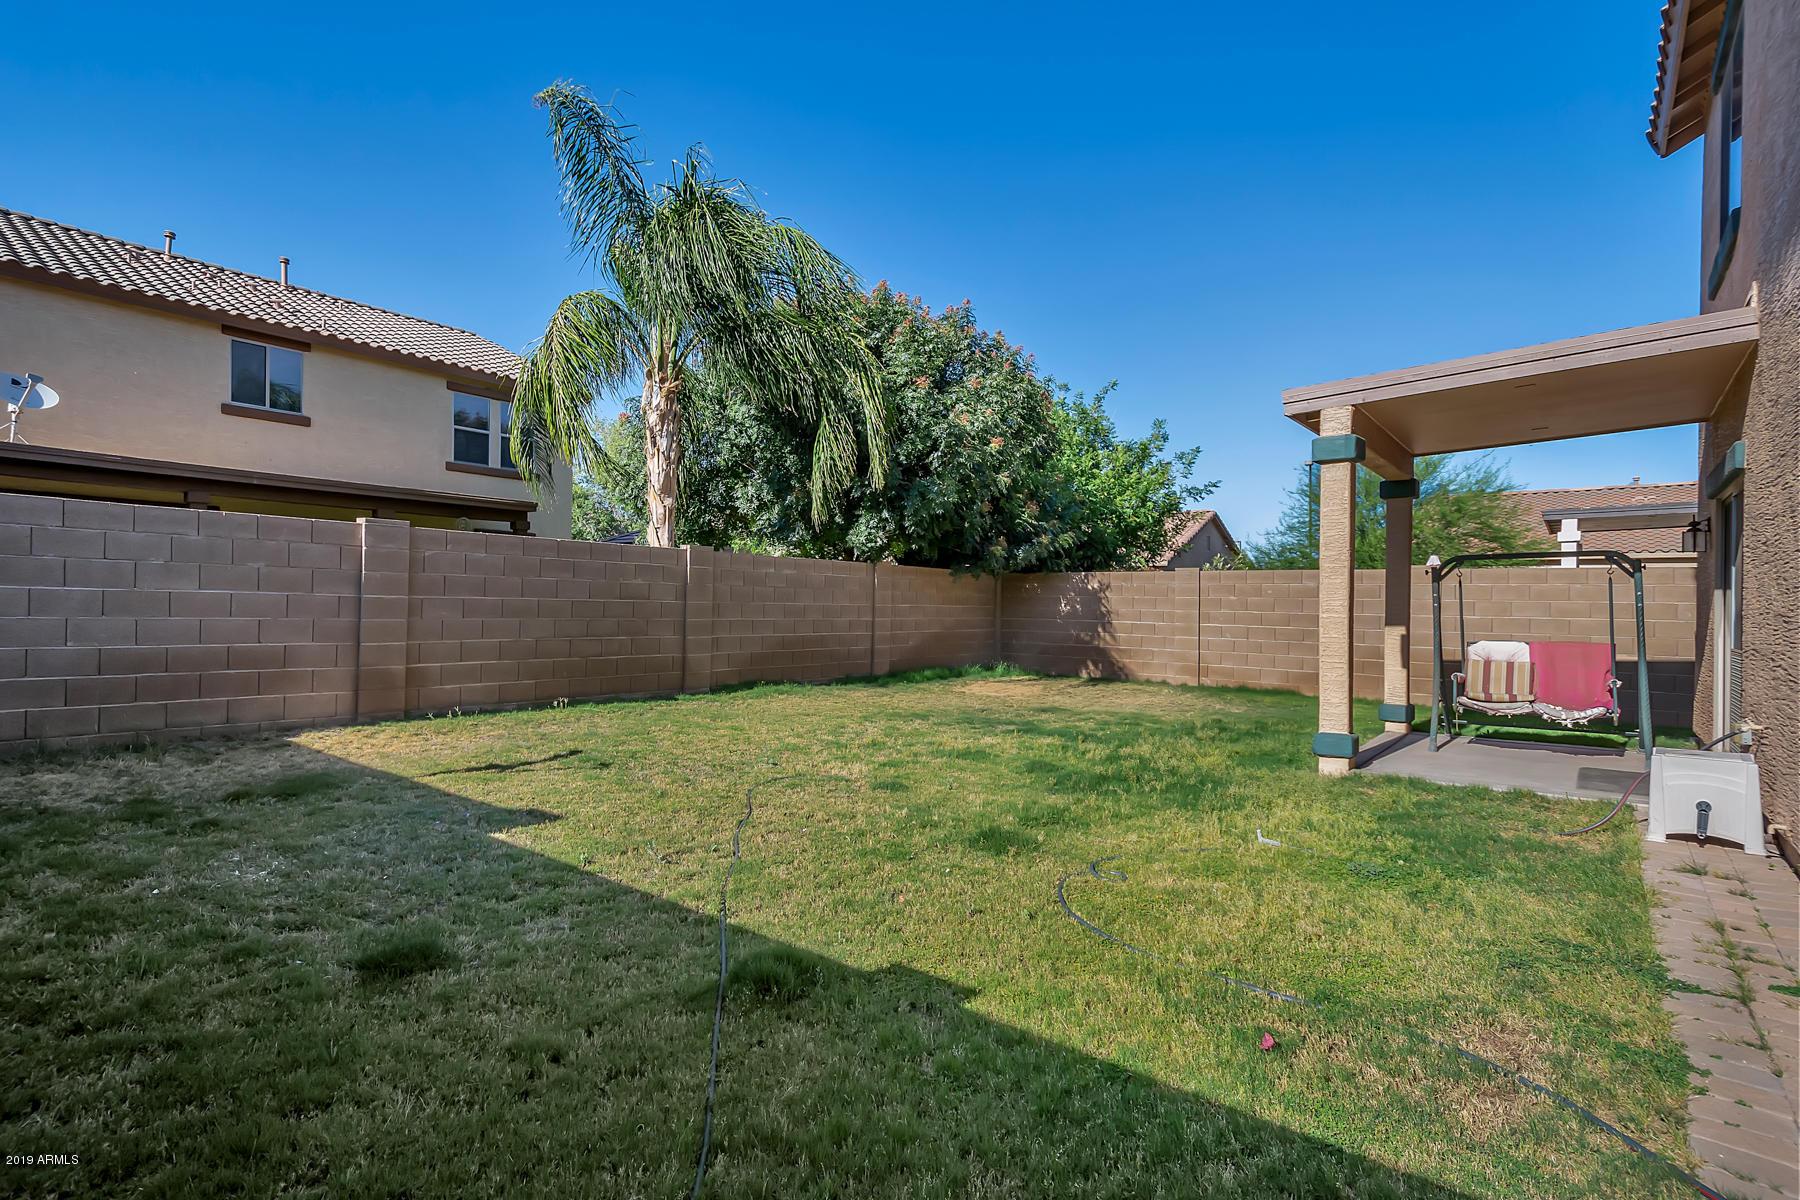 MLS 5928227 3020 E FRANKLIN Avenue, Gilbert, AZ 85295 Lyons Gate